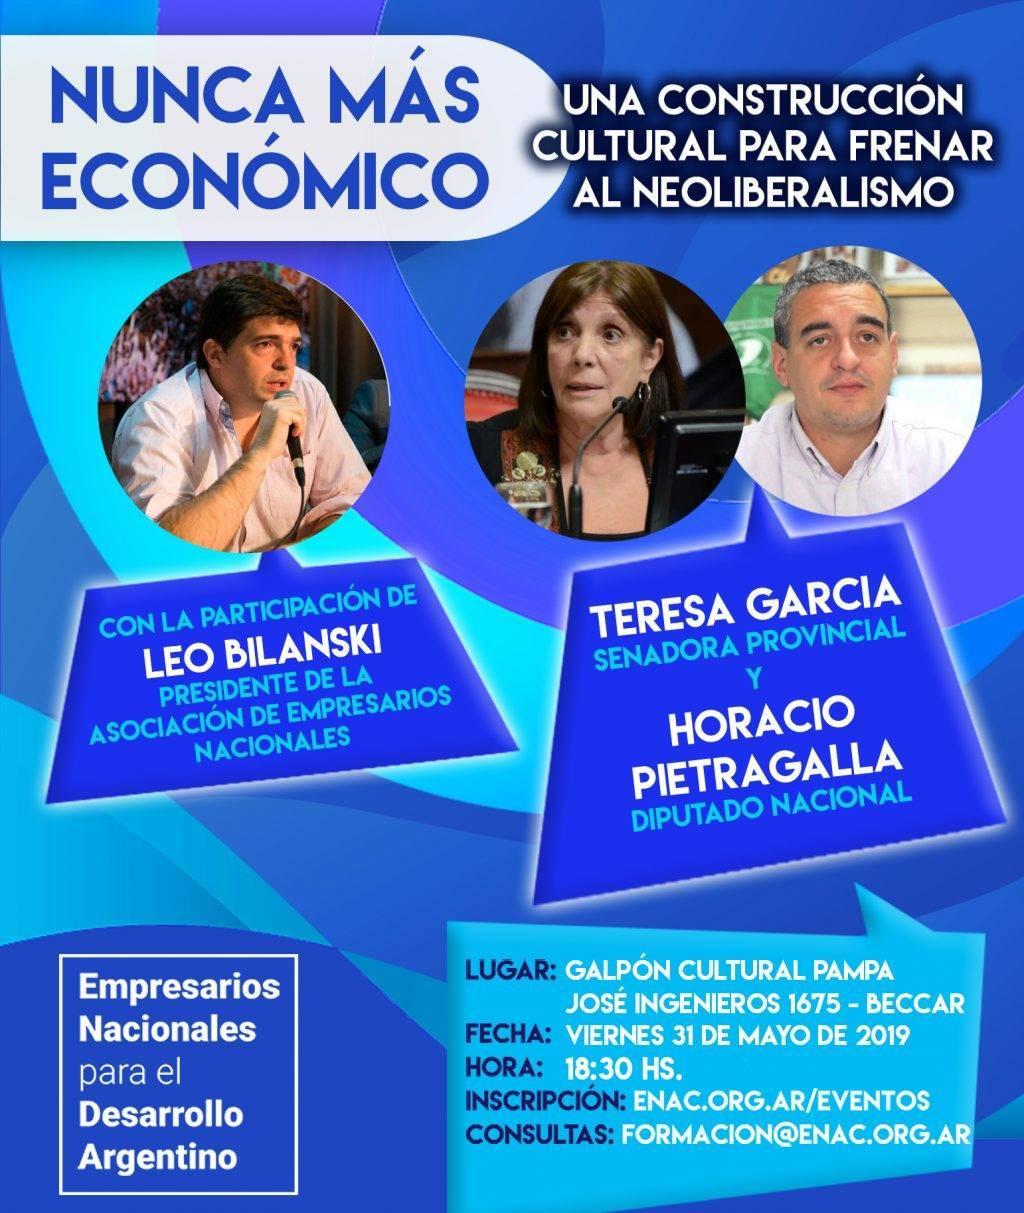 Nunca Más Económico en San Isidro